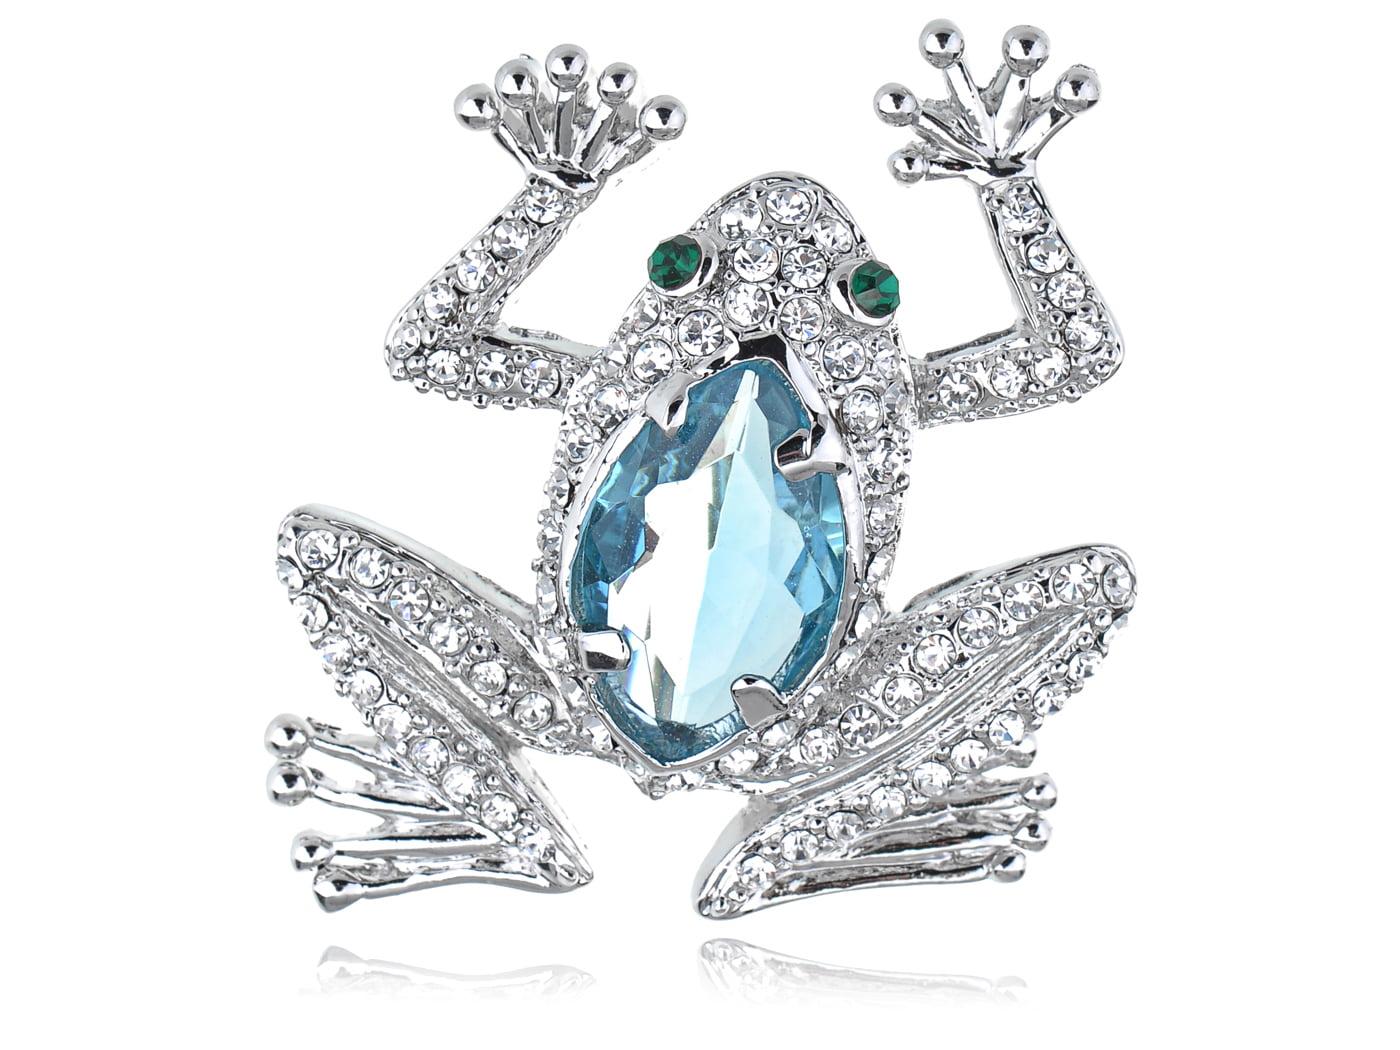 Blue Cat Eye Aquamarine Crystal Rhinestone Frog Animal Fashion Jewel Pin Brooch by